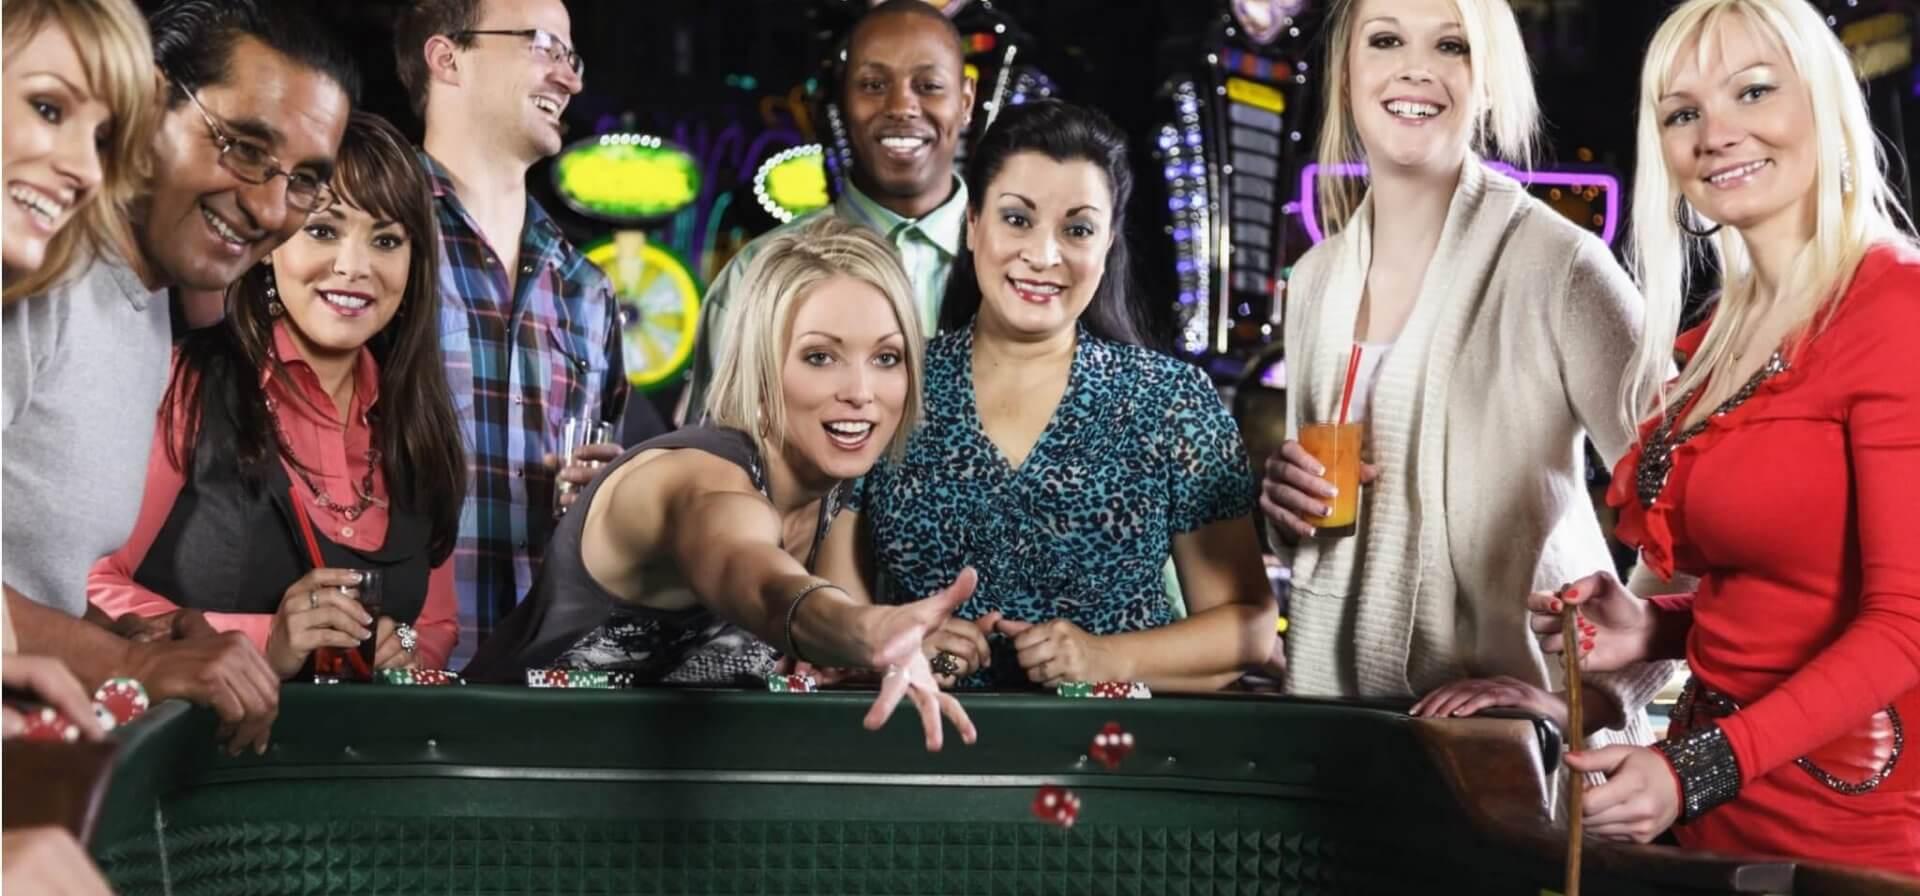 AERTSNY GAMBLING